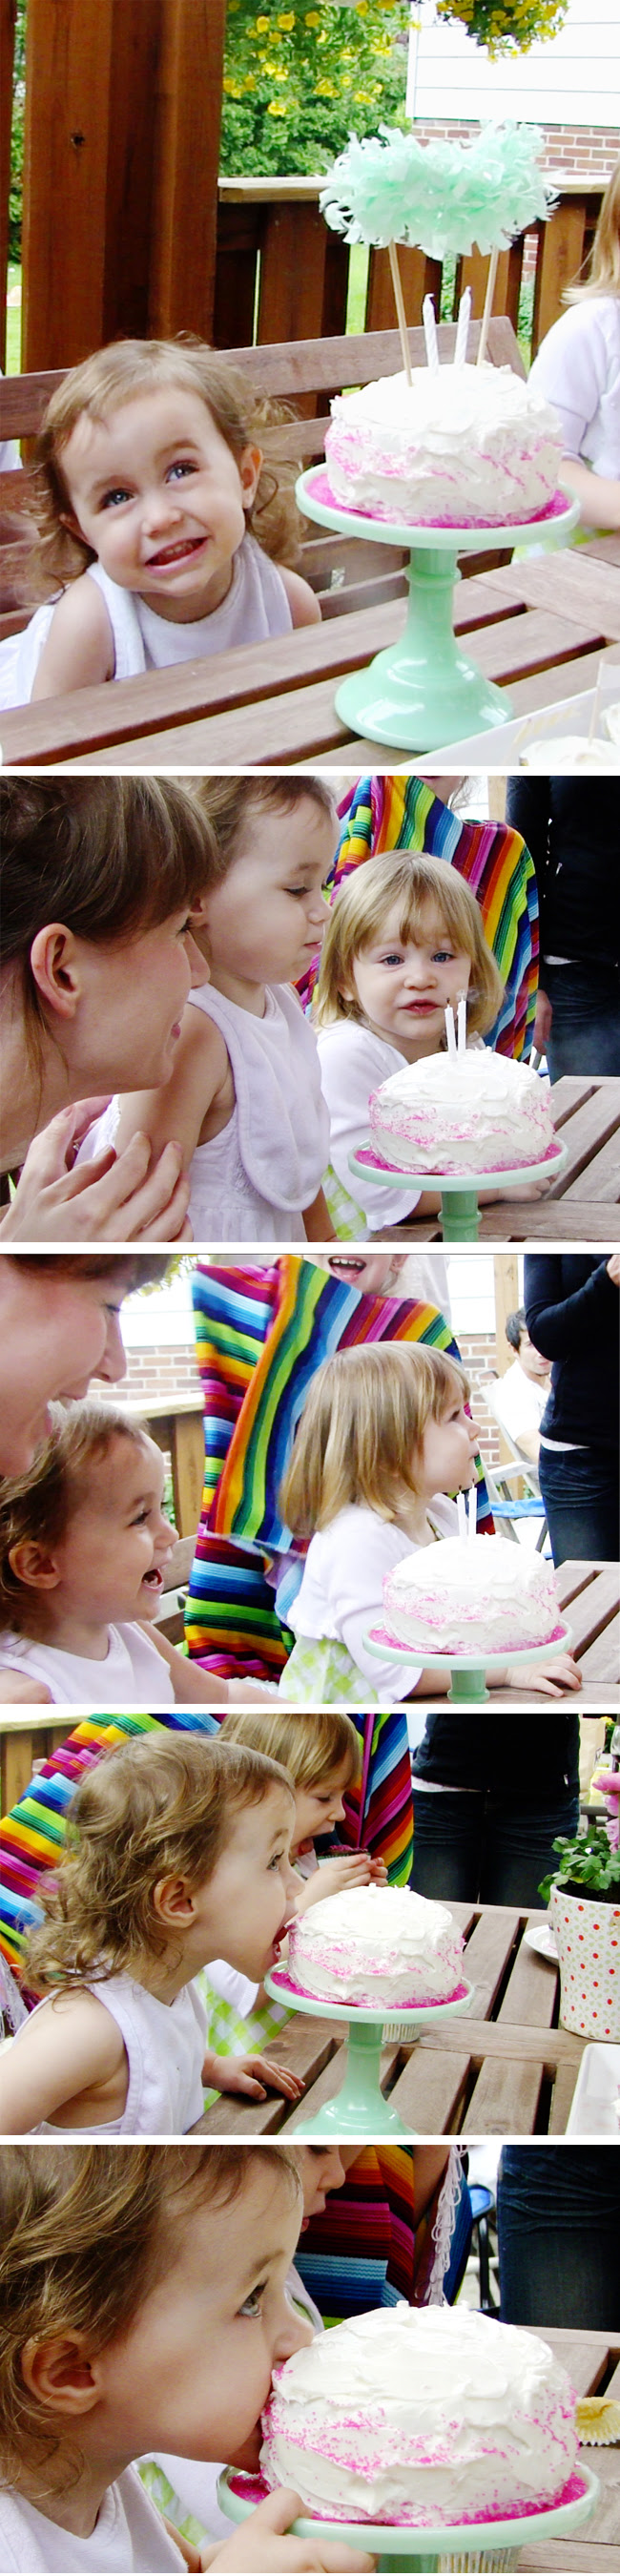 cakepics